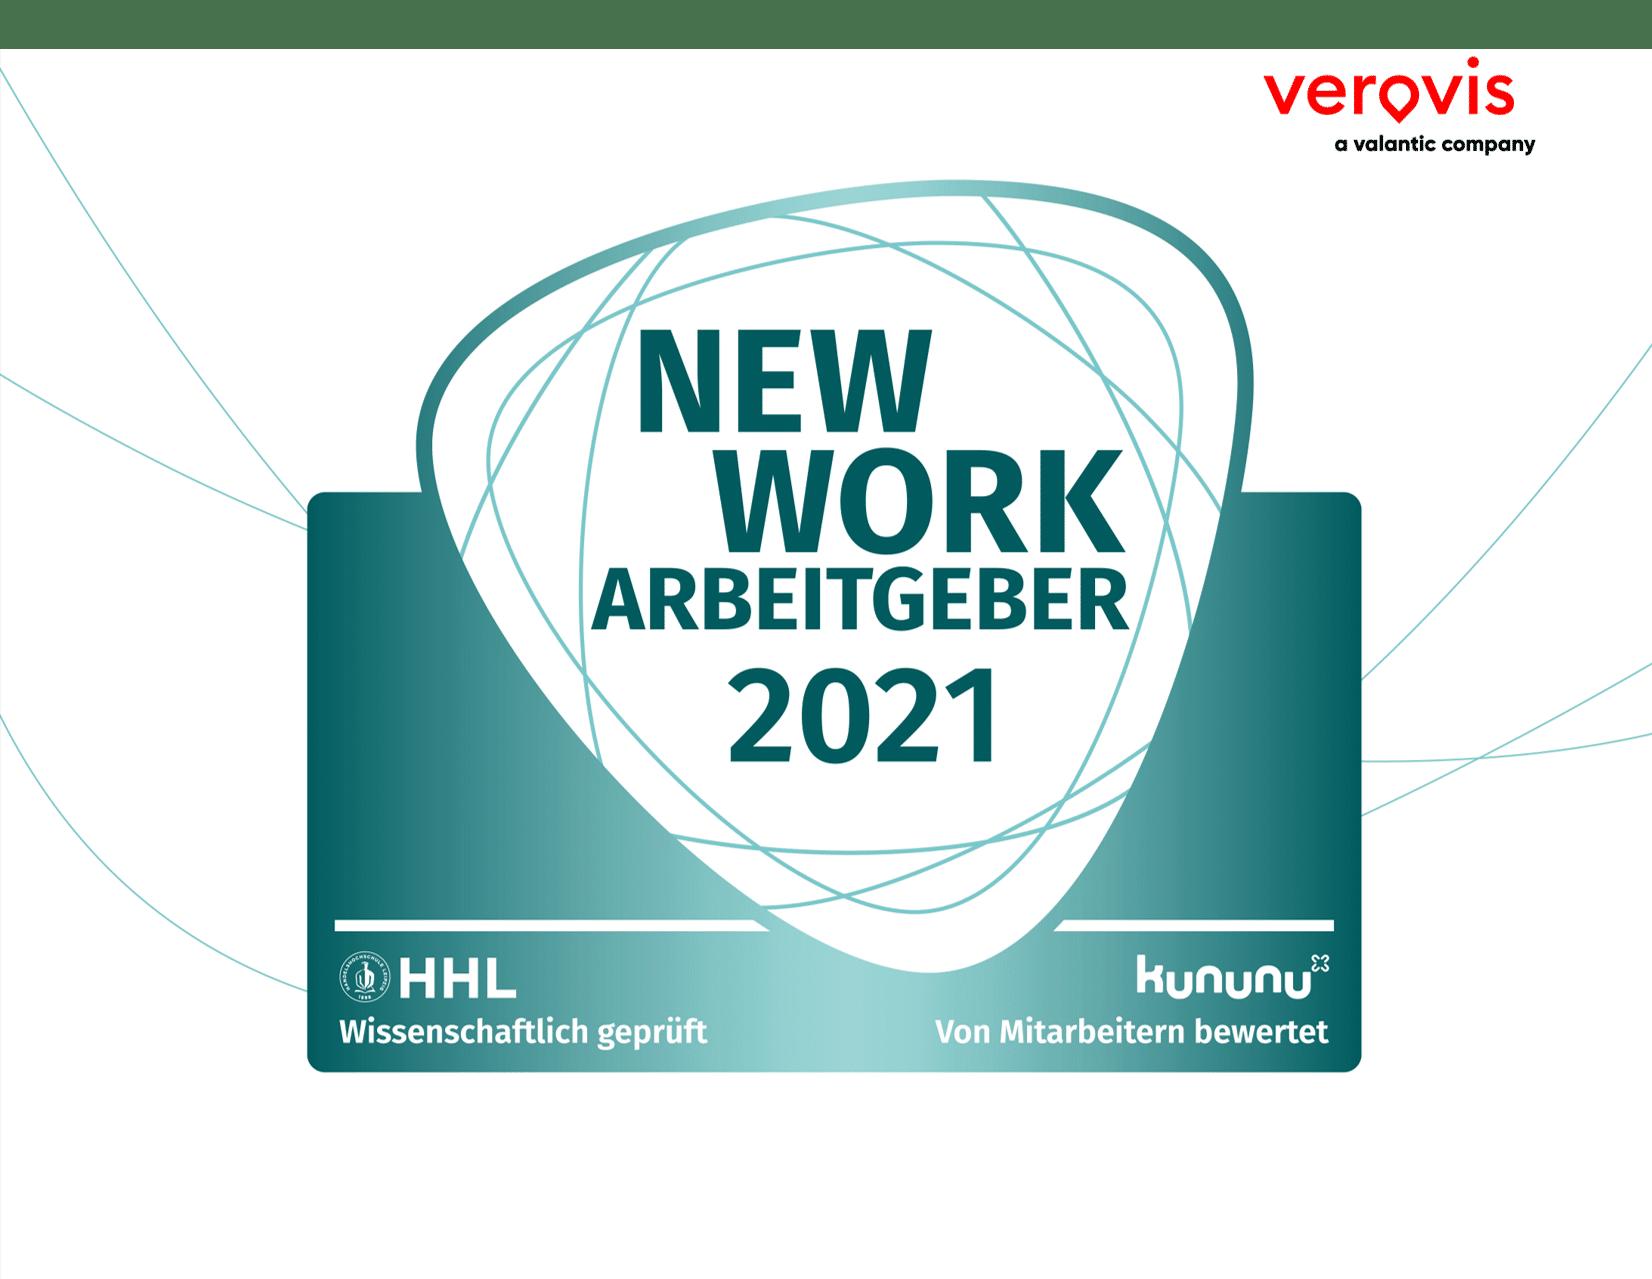 New Work Arbeitgeber2021